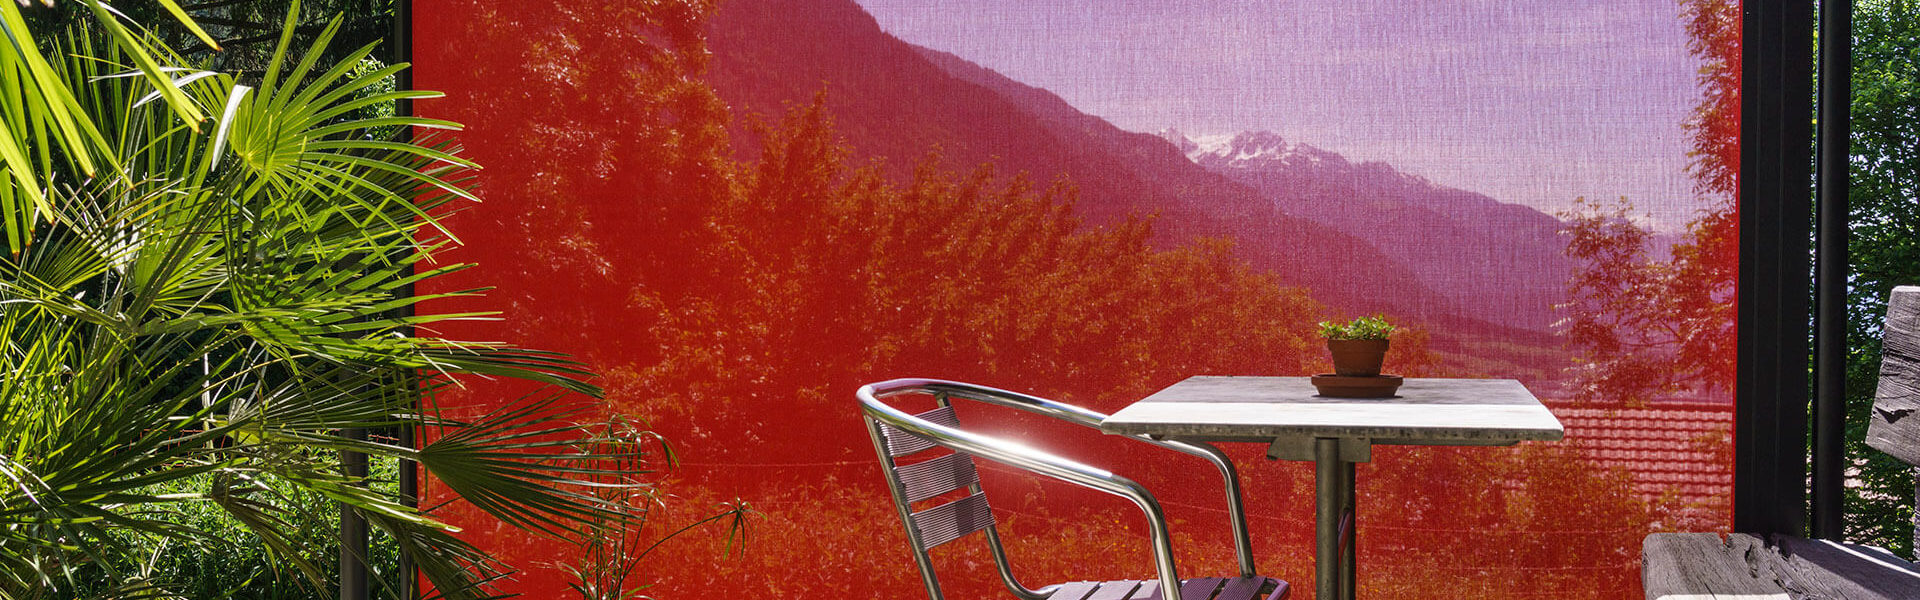 Strahlend rotes Windschutztuch in einem mediterranen Garten.